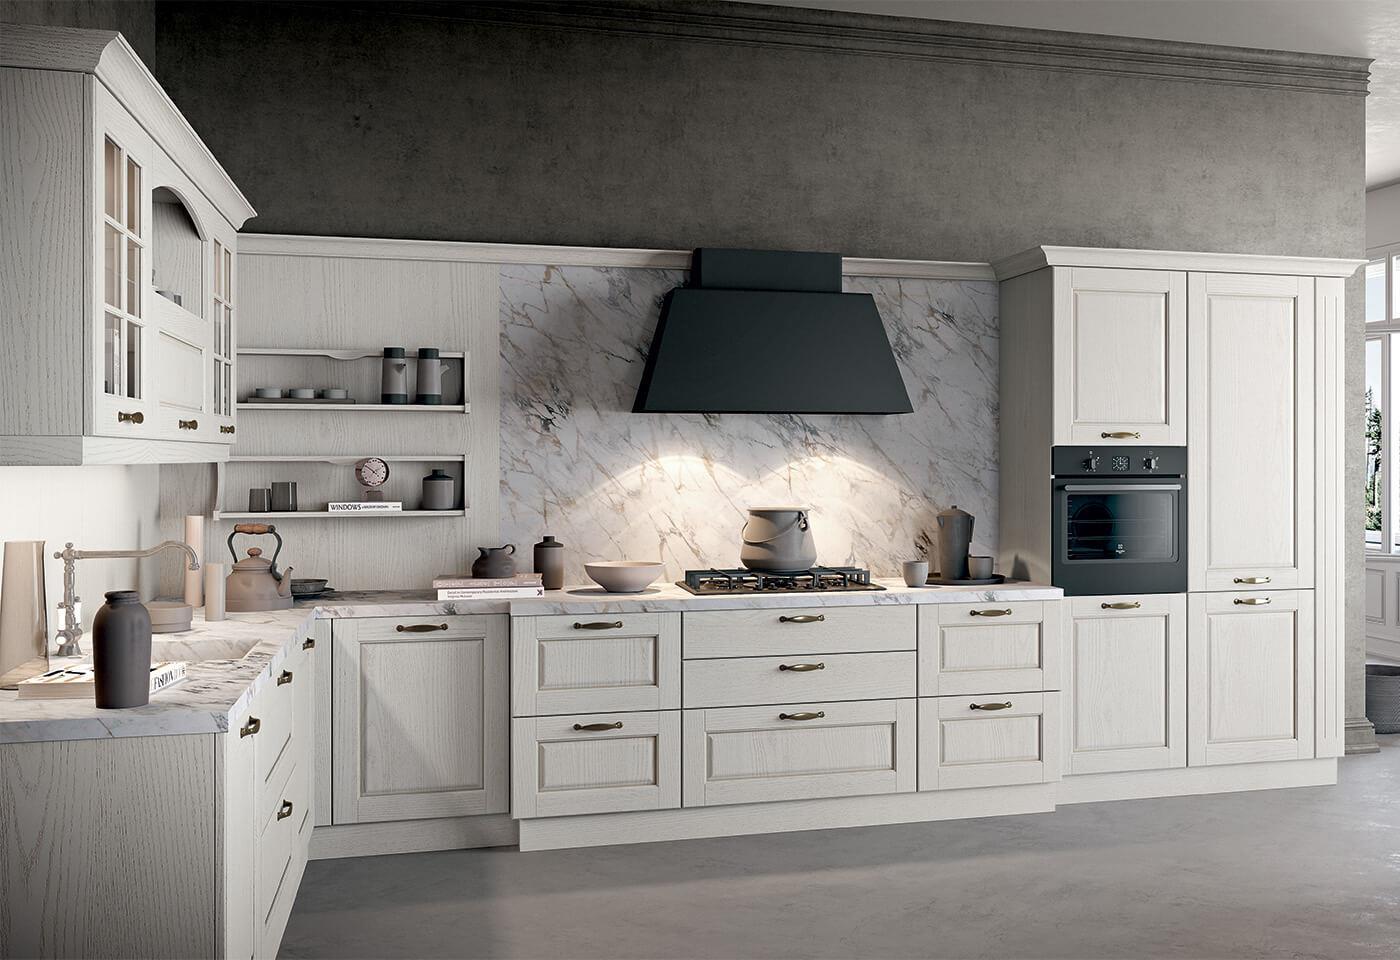 ASOLO - Arredo 3 - Cucina classica